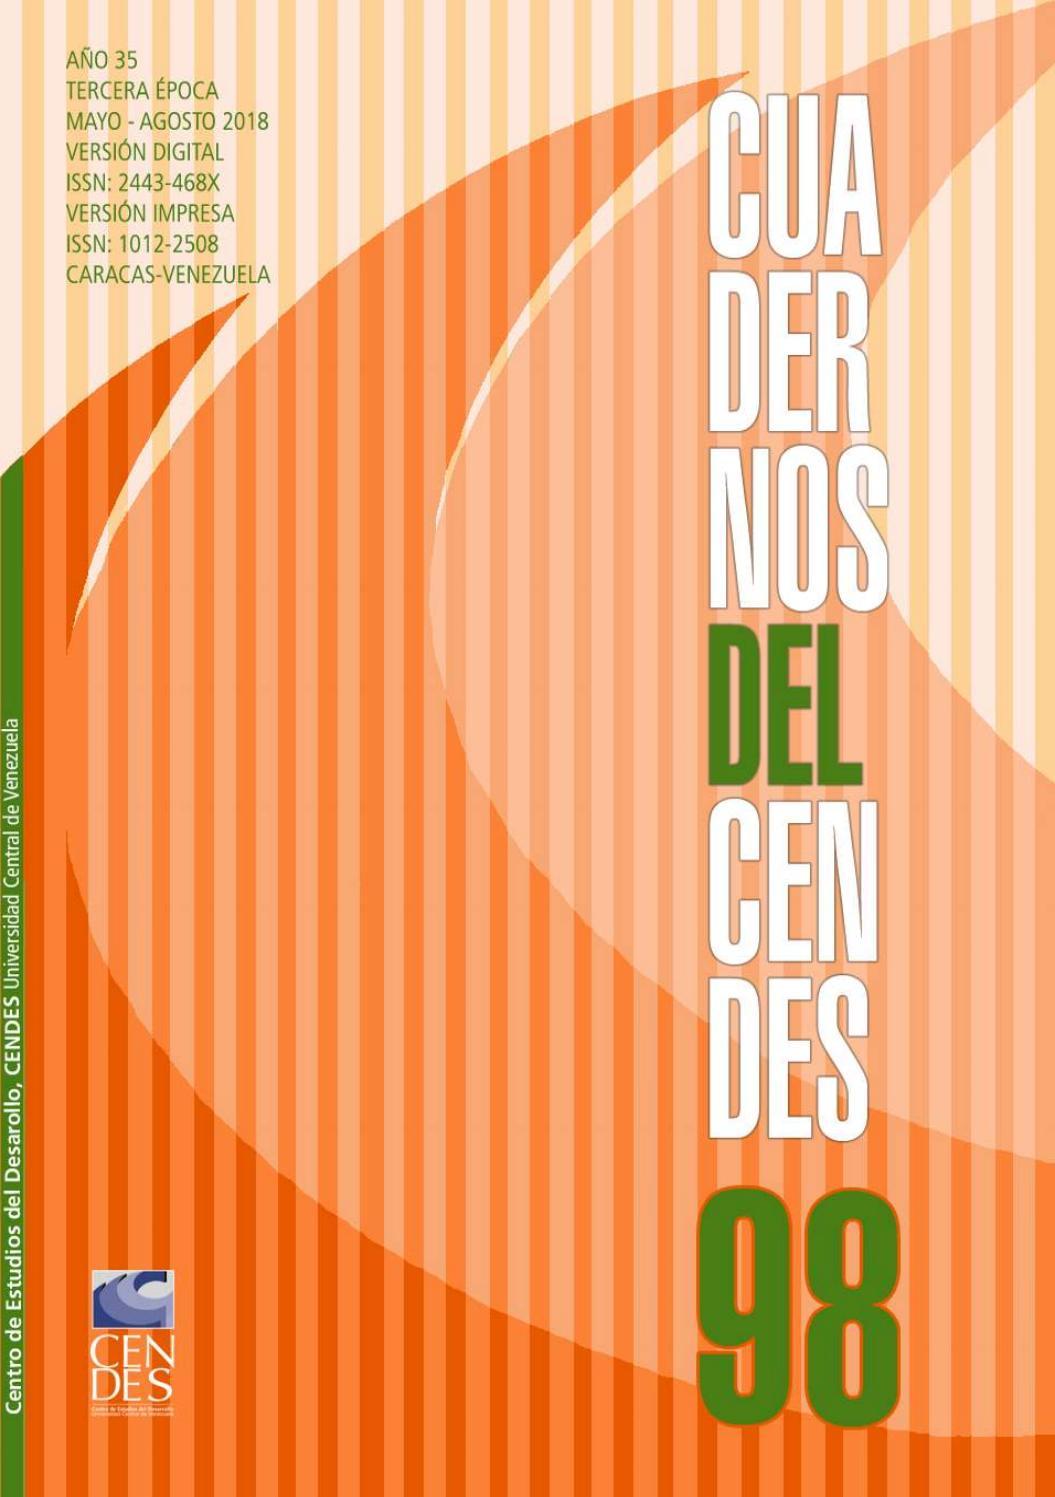 14c68a51b6 Revista Cuadernos del CENDES N 98 by Publicaciones CENDES - issuu